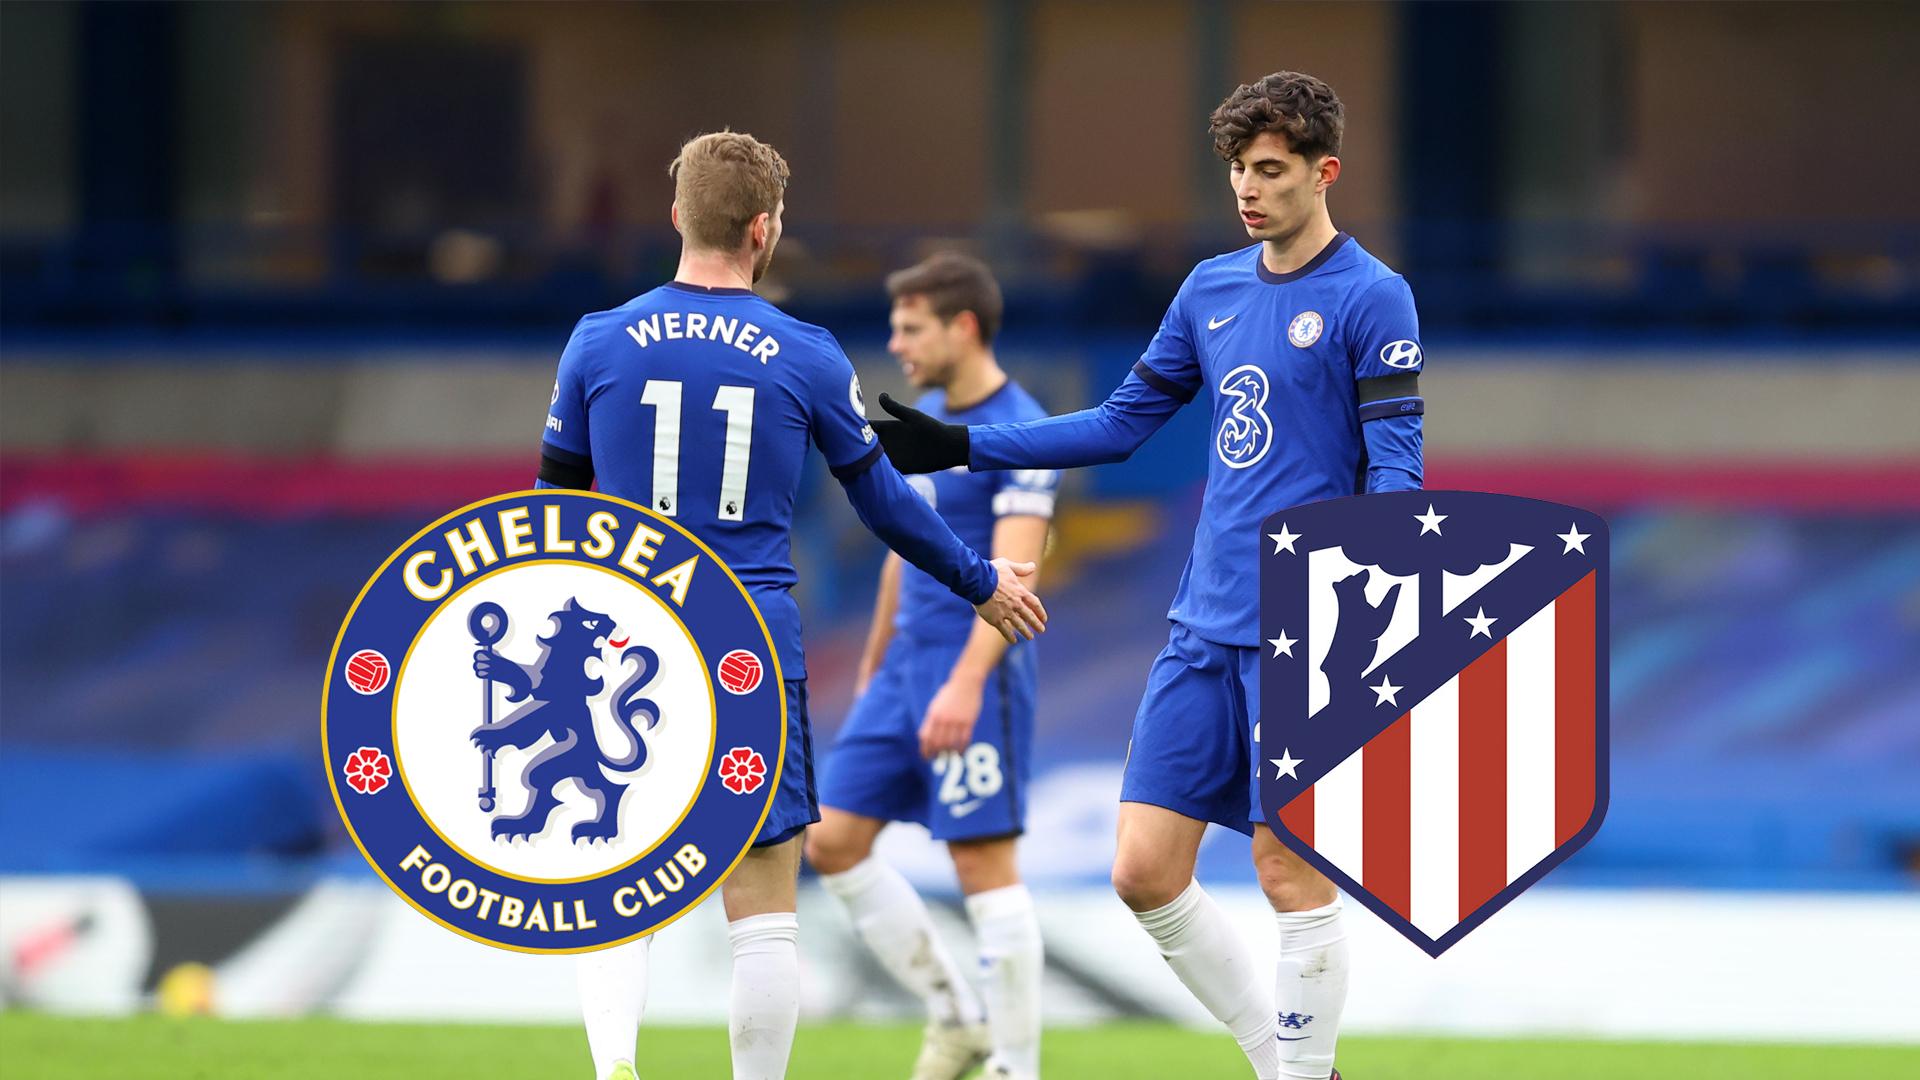 Fußball heute live: Atletico Madrid vs. FC Chelsea im TV und LIVE-STREAM -  so wird die Champions League übertragen